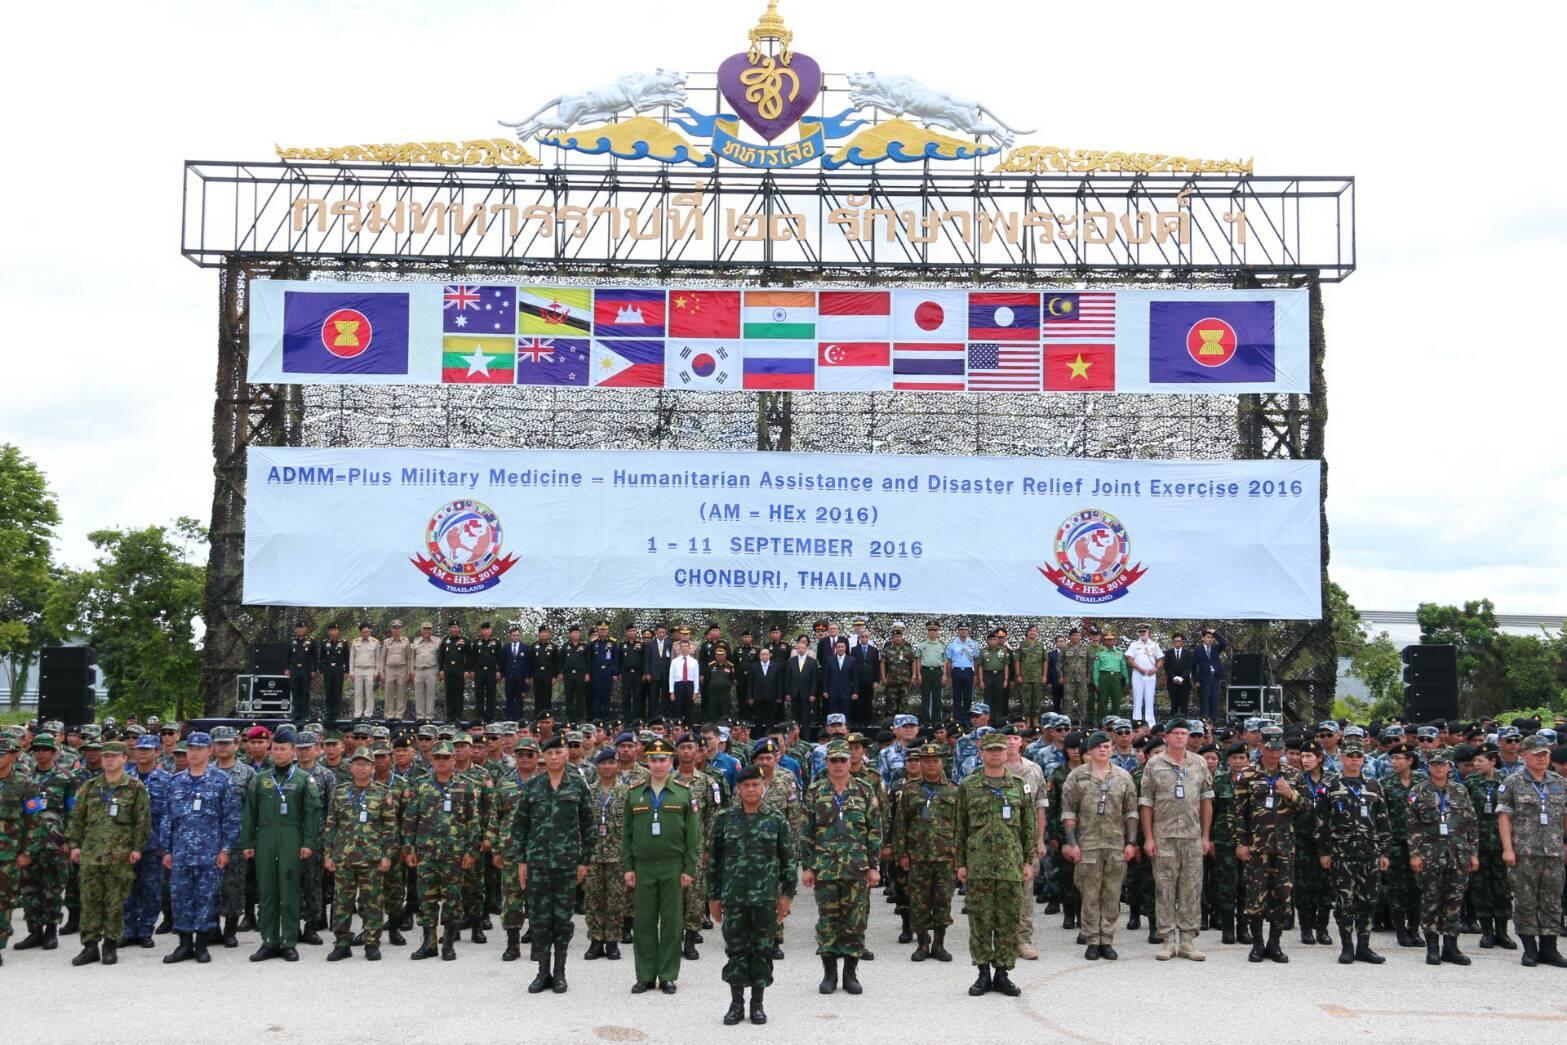 พิธีเปิดการฝึกร่วมระหว่างคณะทำงานผู้เชี่ยวชาญด้านการแพทย์ทหารกับคณะทำงานผู้เชี่ยวชาญด้านการให้ความช่วยเหลือด้านมนุษยธรรมและ การบรรเทาภัยพิบัติ (ADMM-Plus Military Medicine-Humanitarian Assistance and Disaster Relief Joint Exercise 2016 : AM-HEx 2016)